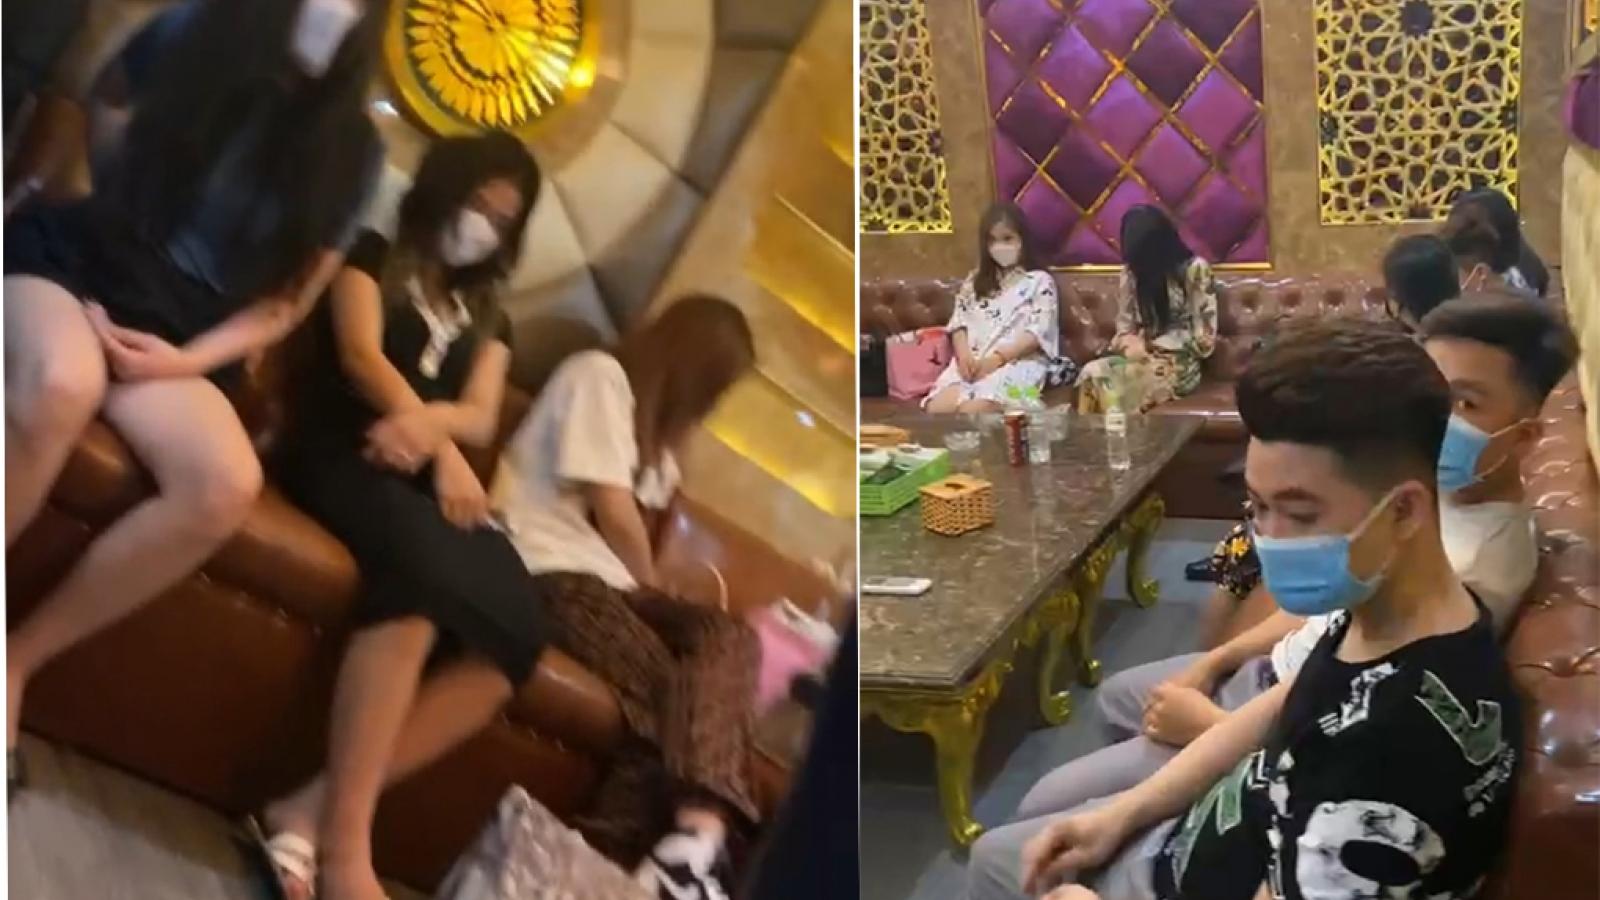 Phát hiện nhà hàng tại Hà Nội liên tục cho khách hát karaoke giữa mùa dịch